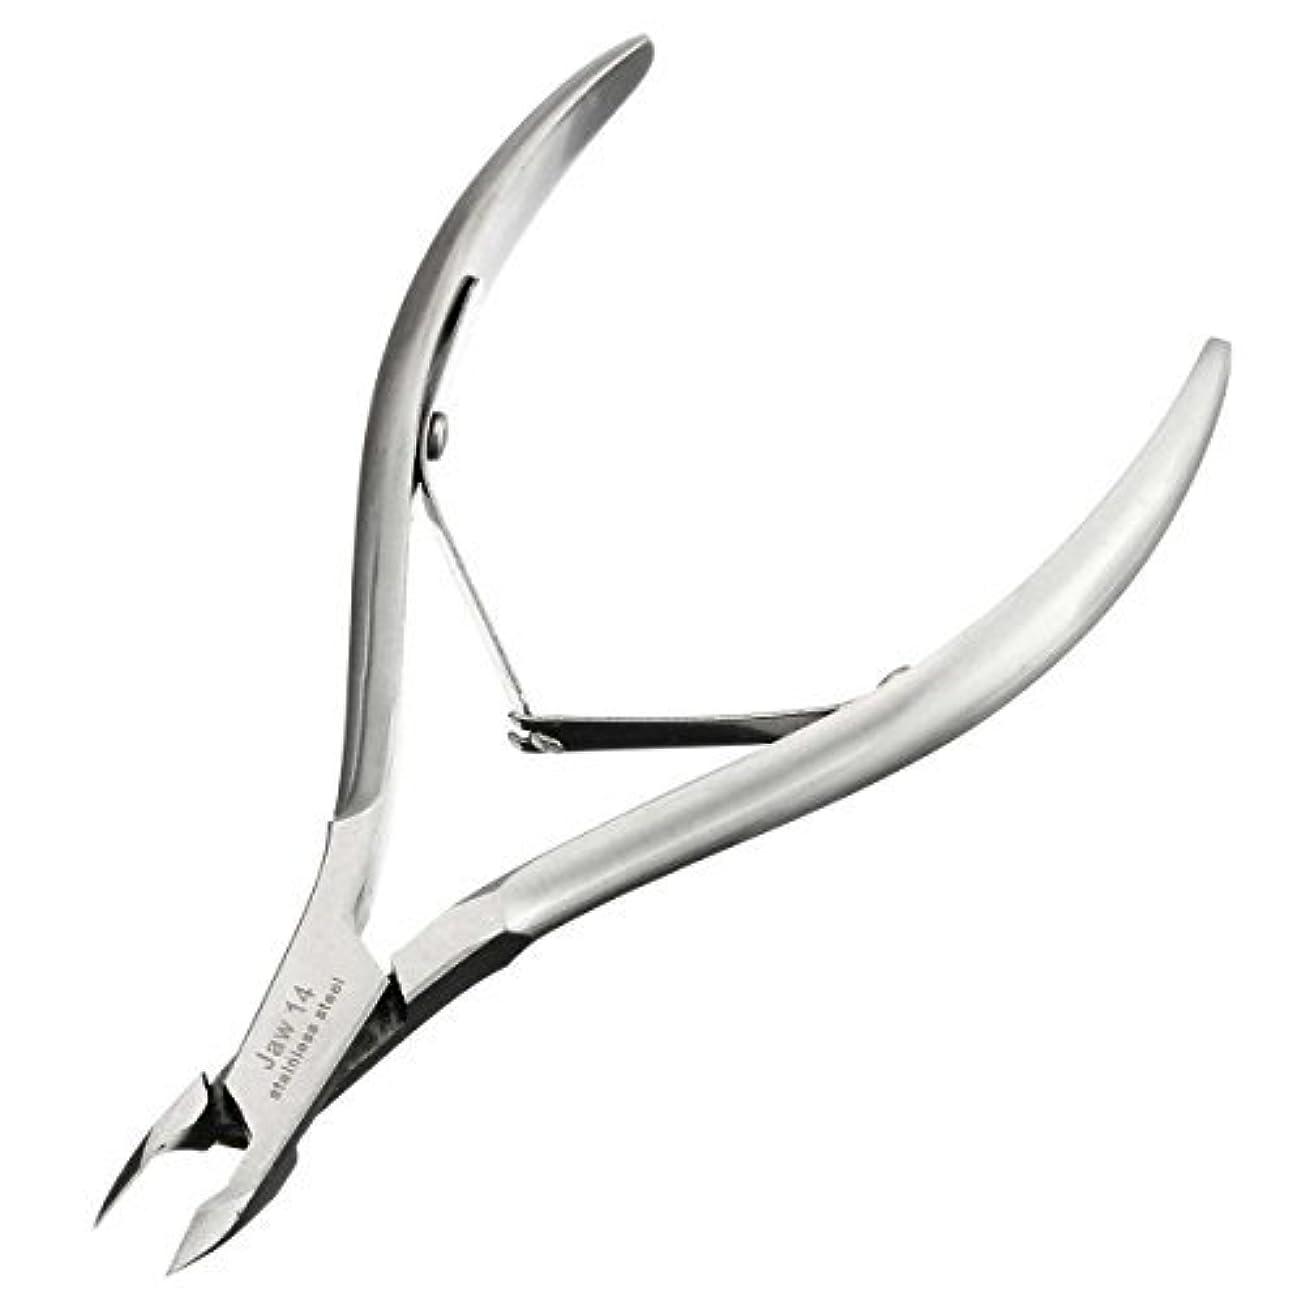 信頼性のある十分にイルキューティクルニッパーD-07C LuckyFine ネールケア  ネイル道具 甘皮切り 爪切り シルバー